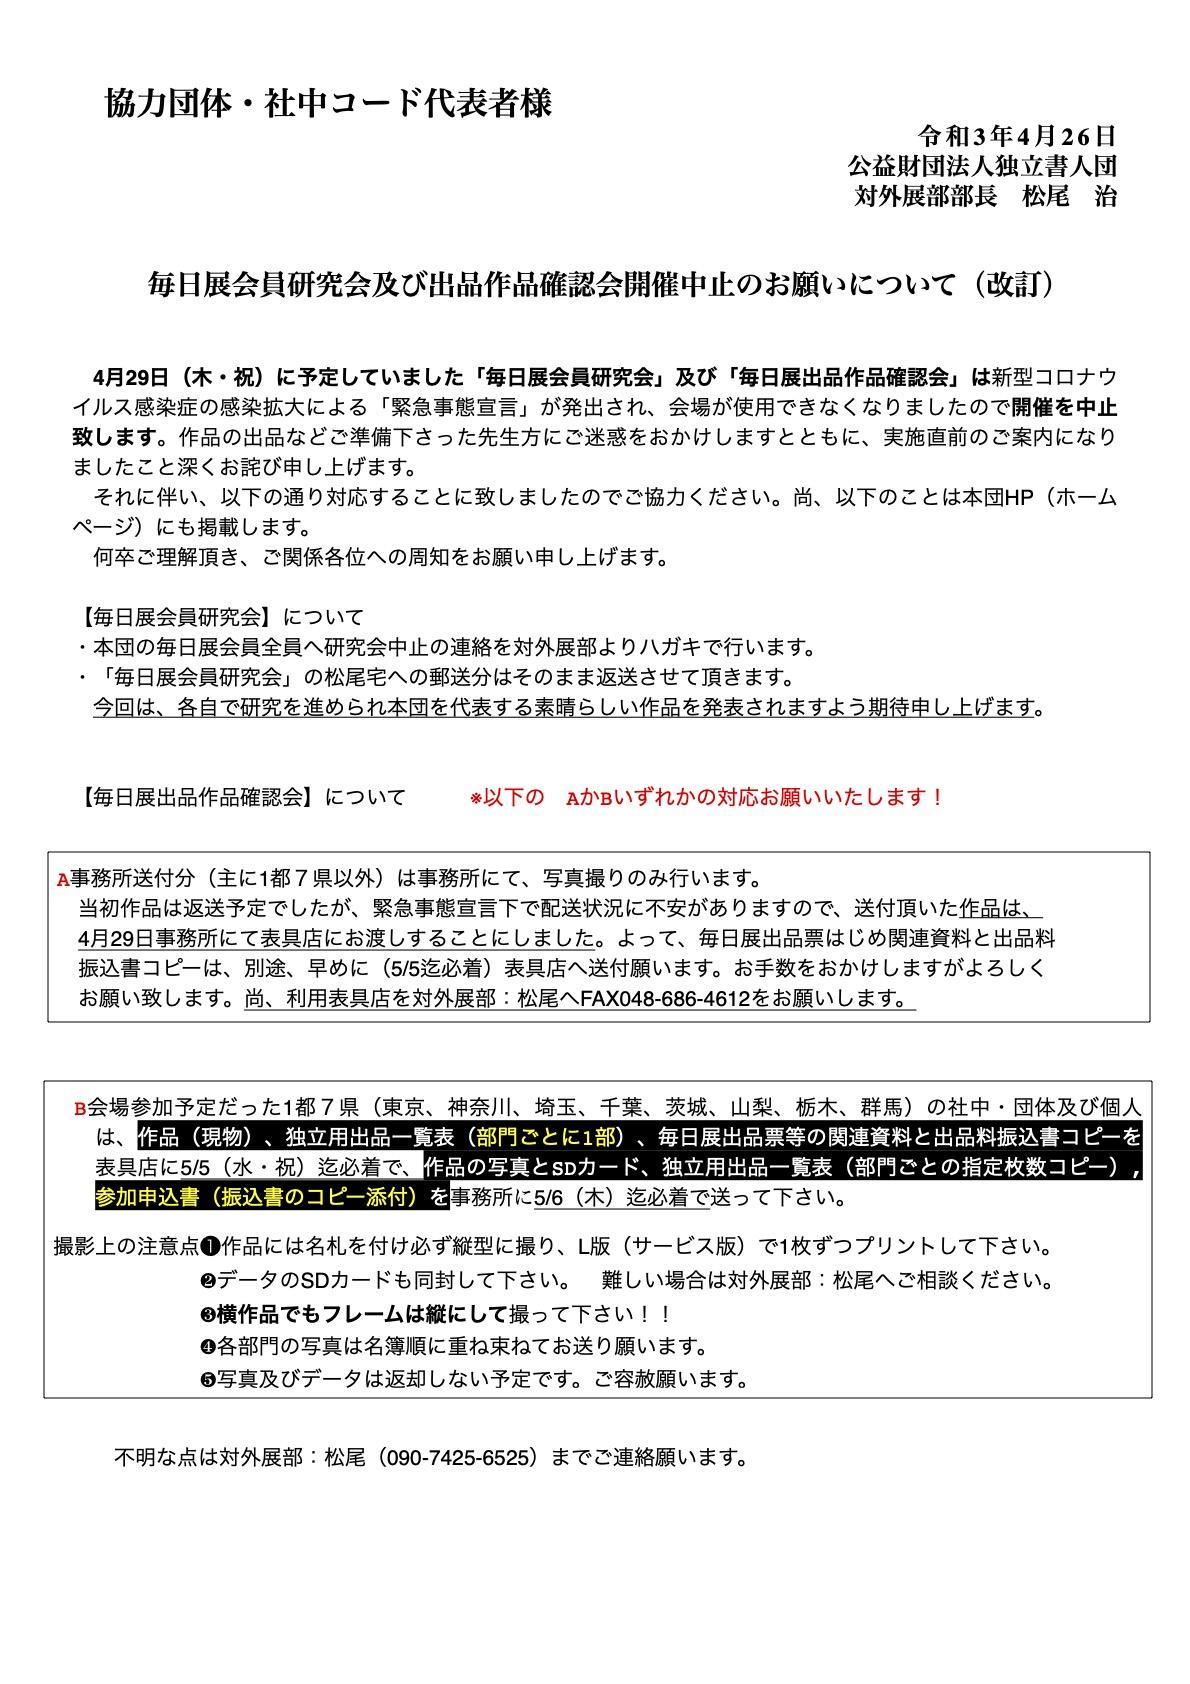 【緊急連絡】毎日作品研究会中止